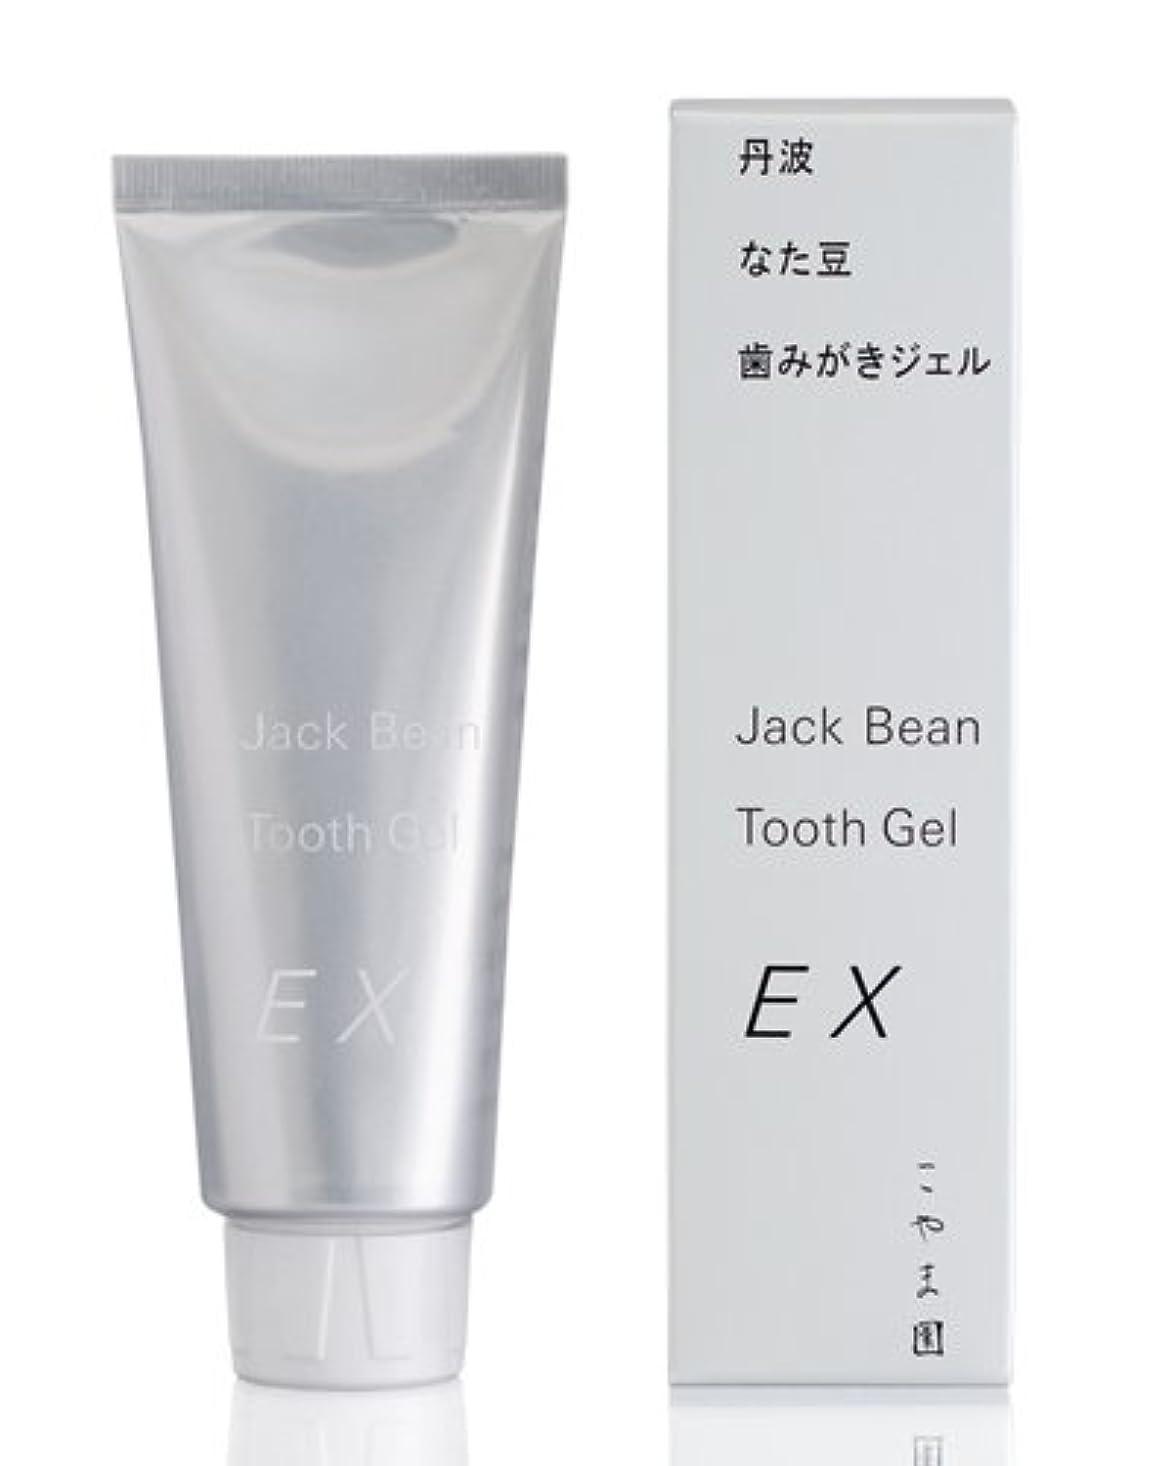 散らす補償トイレこやま園 丹波なた豆歯みがきジェルEX 120g